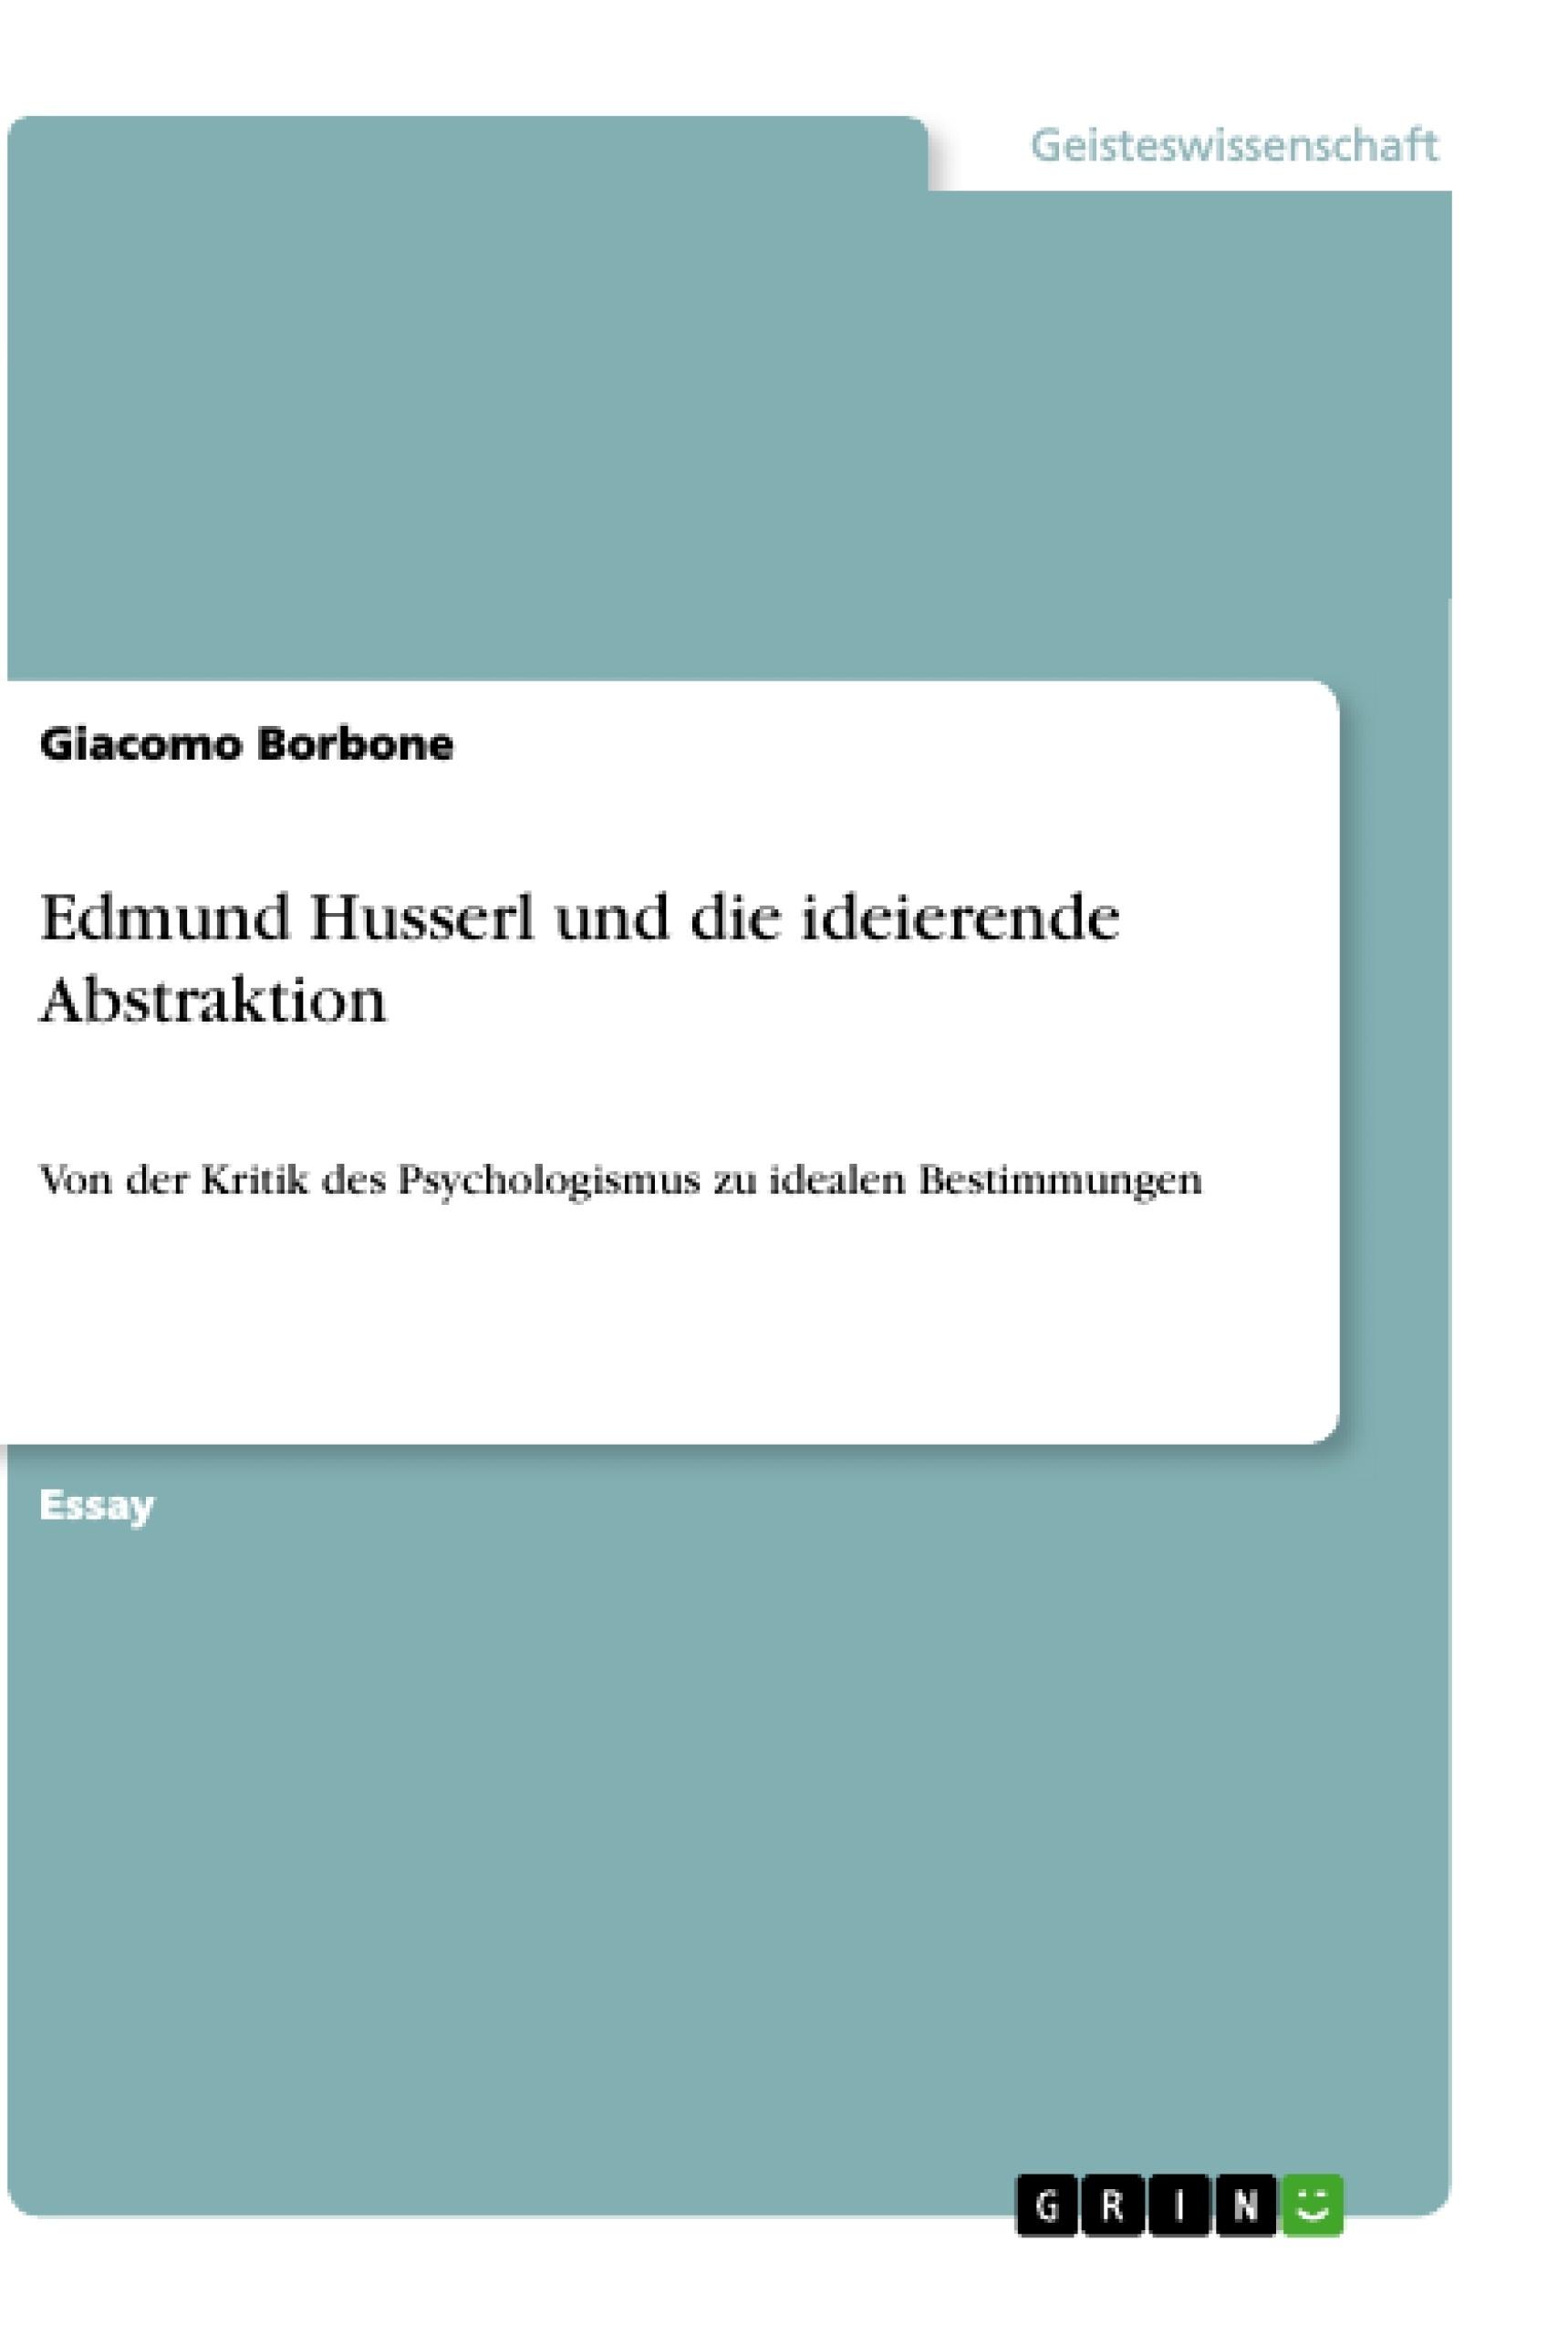 Titel: Edmund Husserl und die ideierende Abstraktion